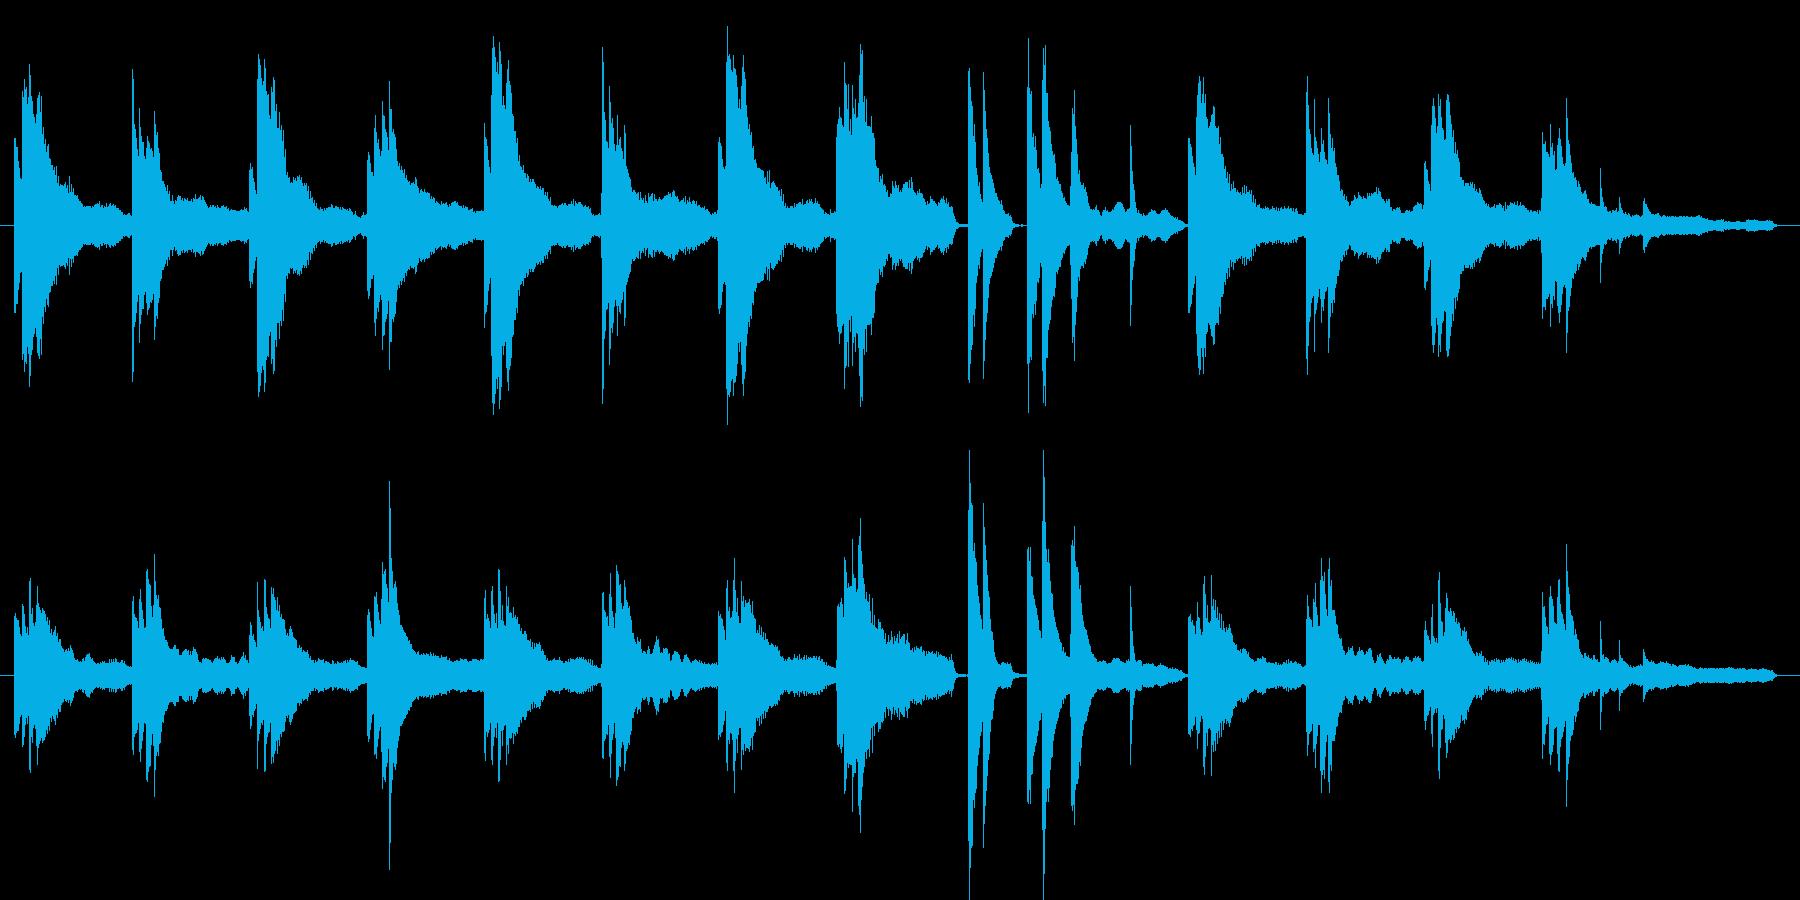 怪しい、不穏な空気のピアノソロ劇伴の再生済みの波形